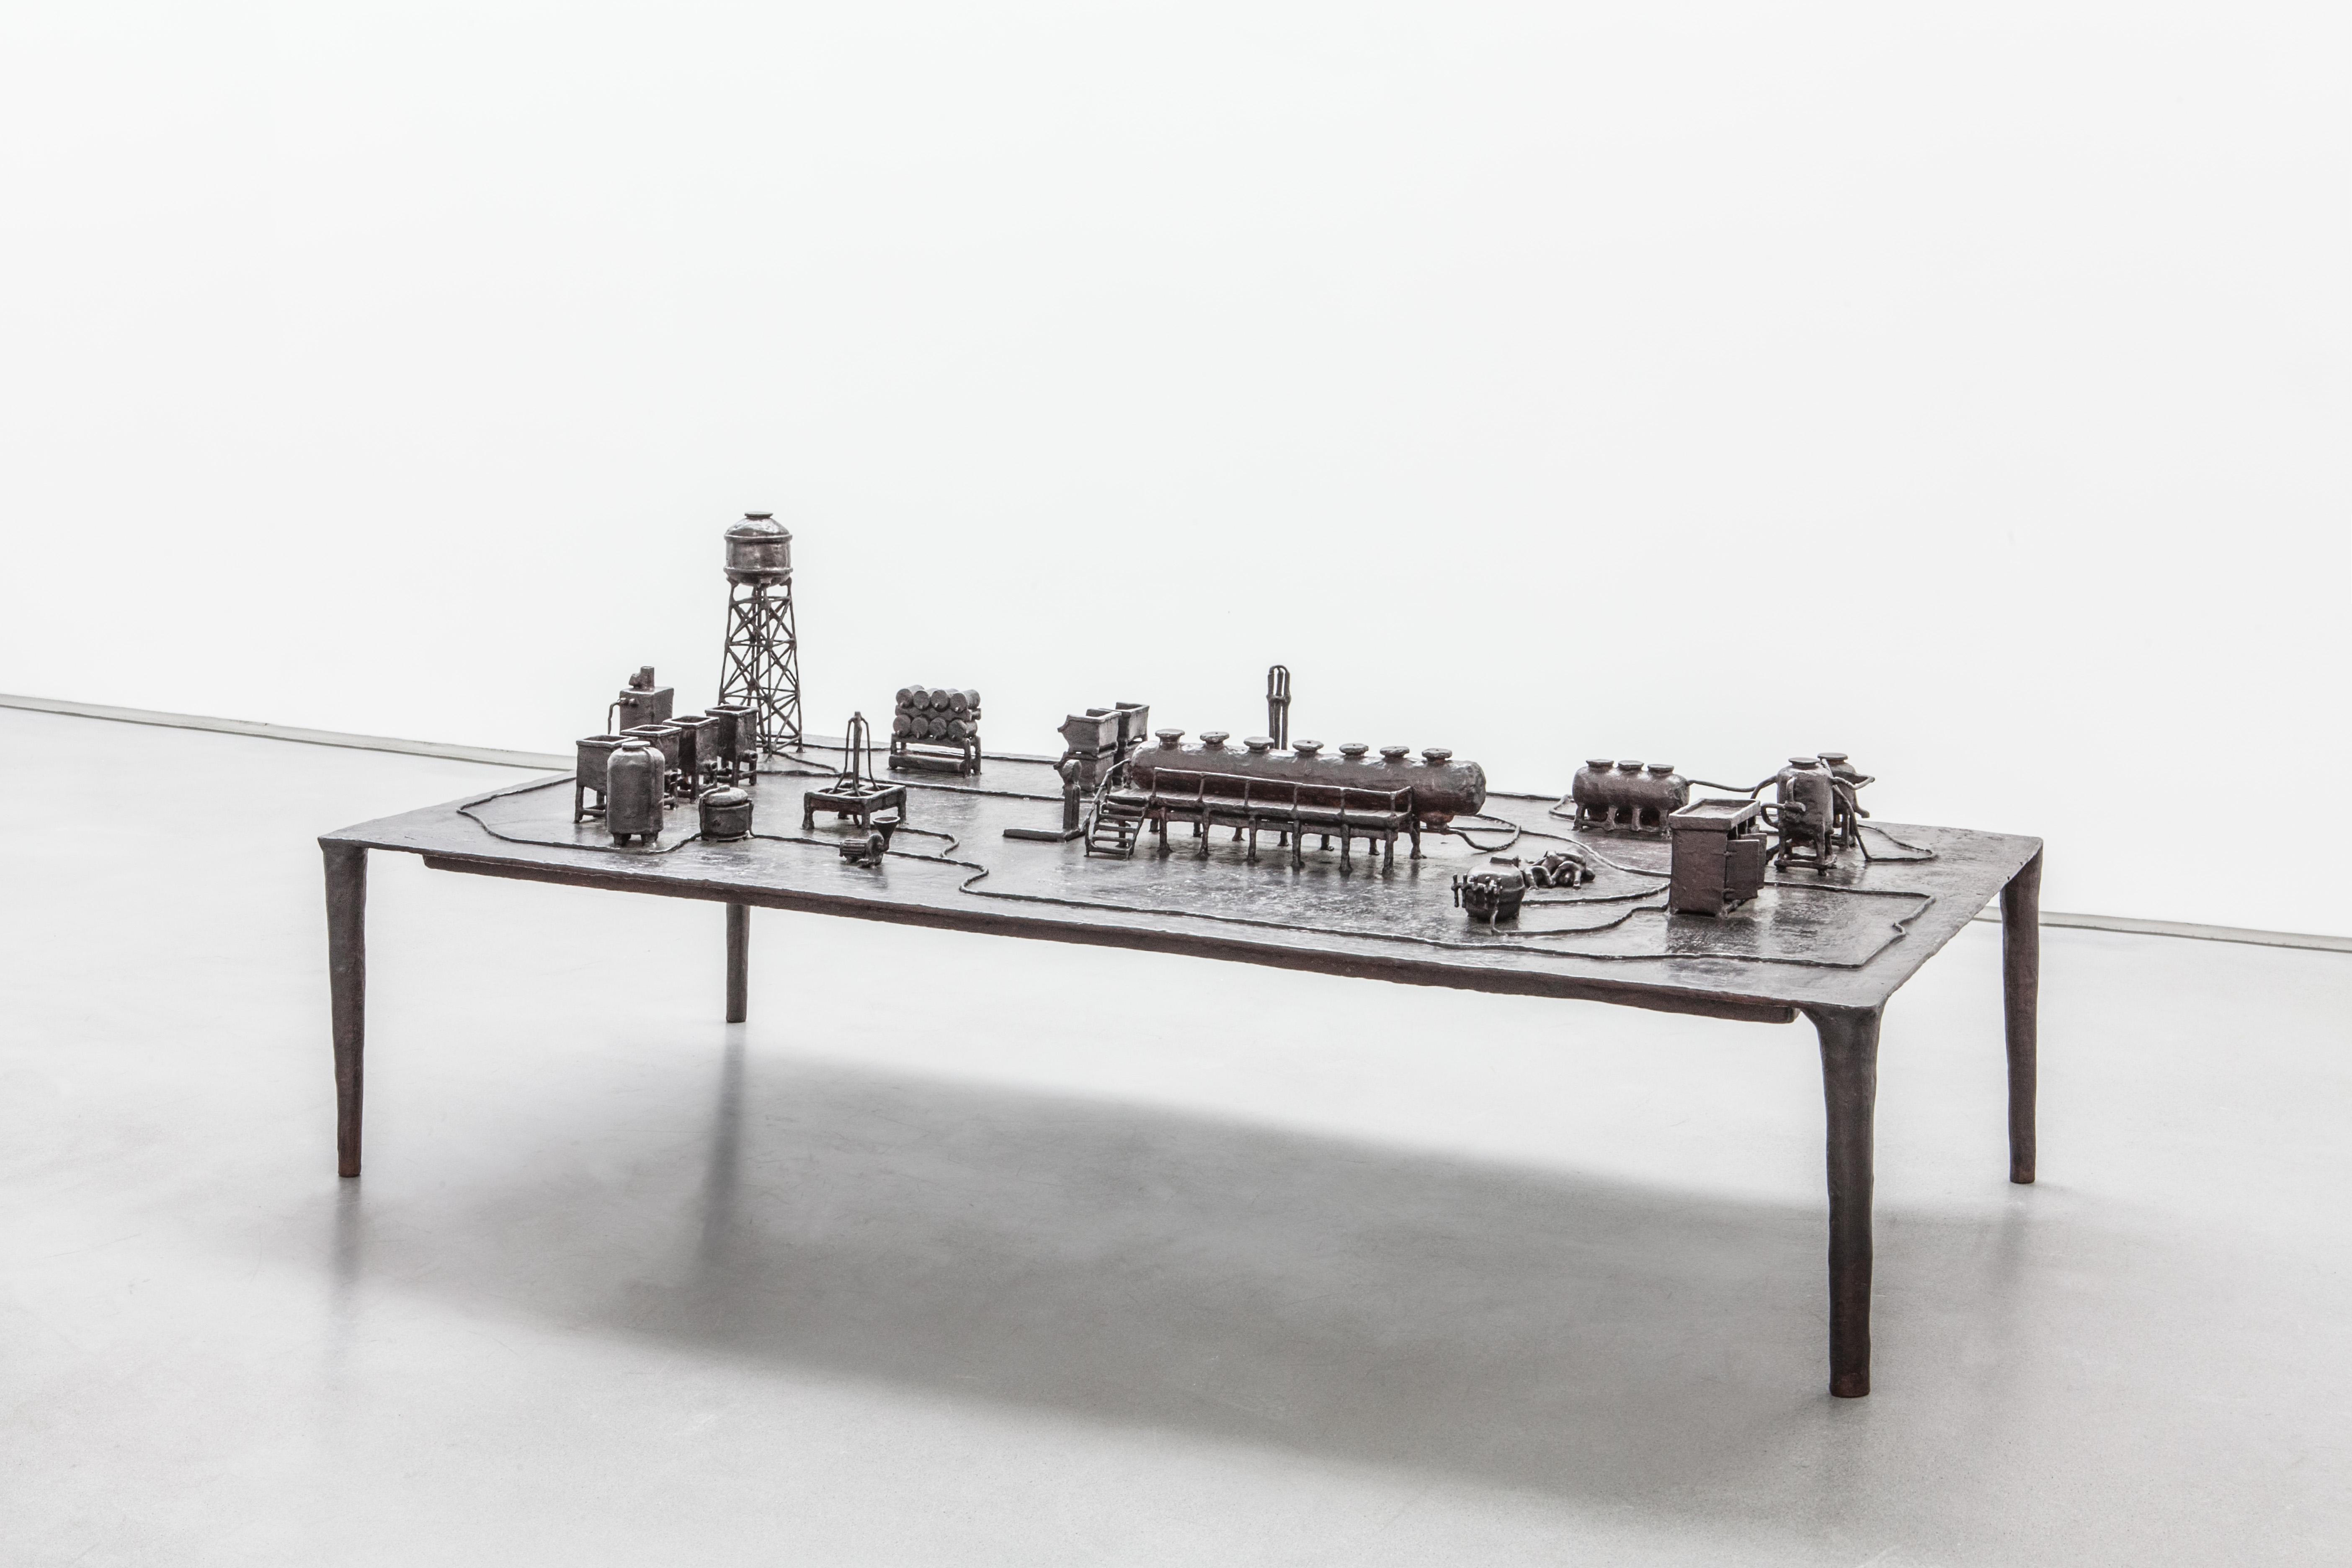 Atelier van Lieshout - Technocrat Bronze Coffee Table 2 © Carpenters Workshop Gallery